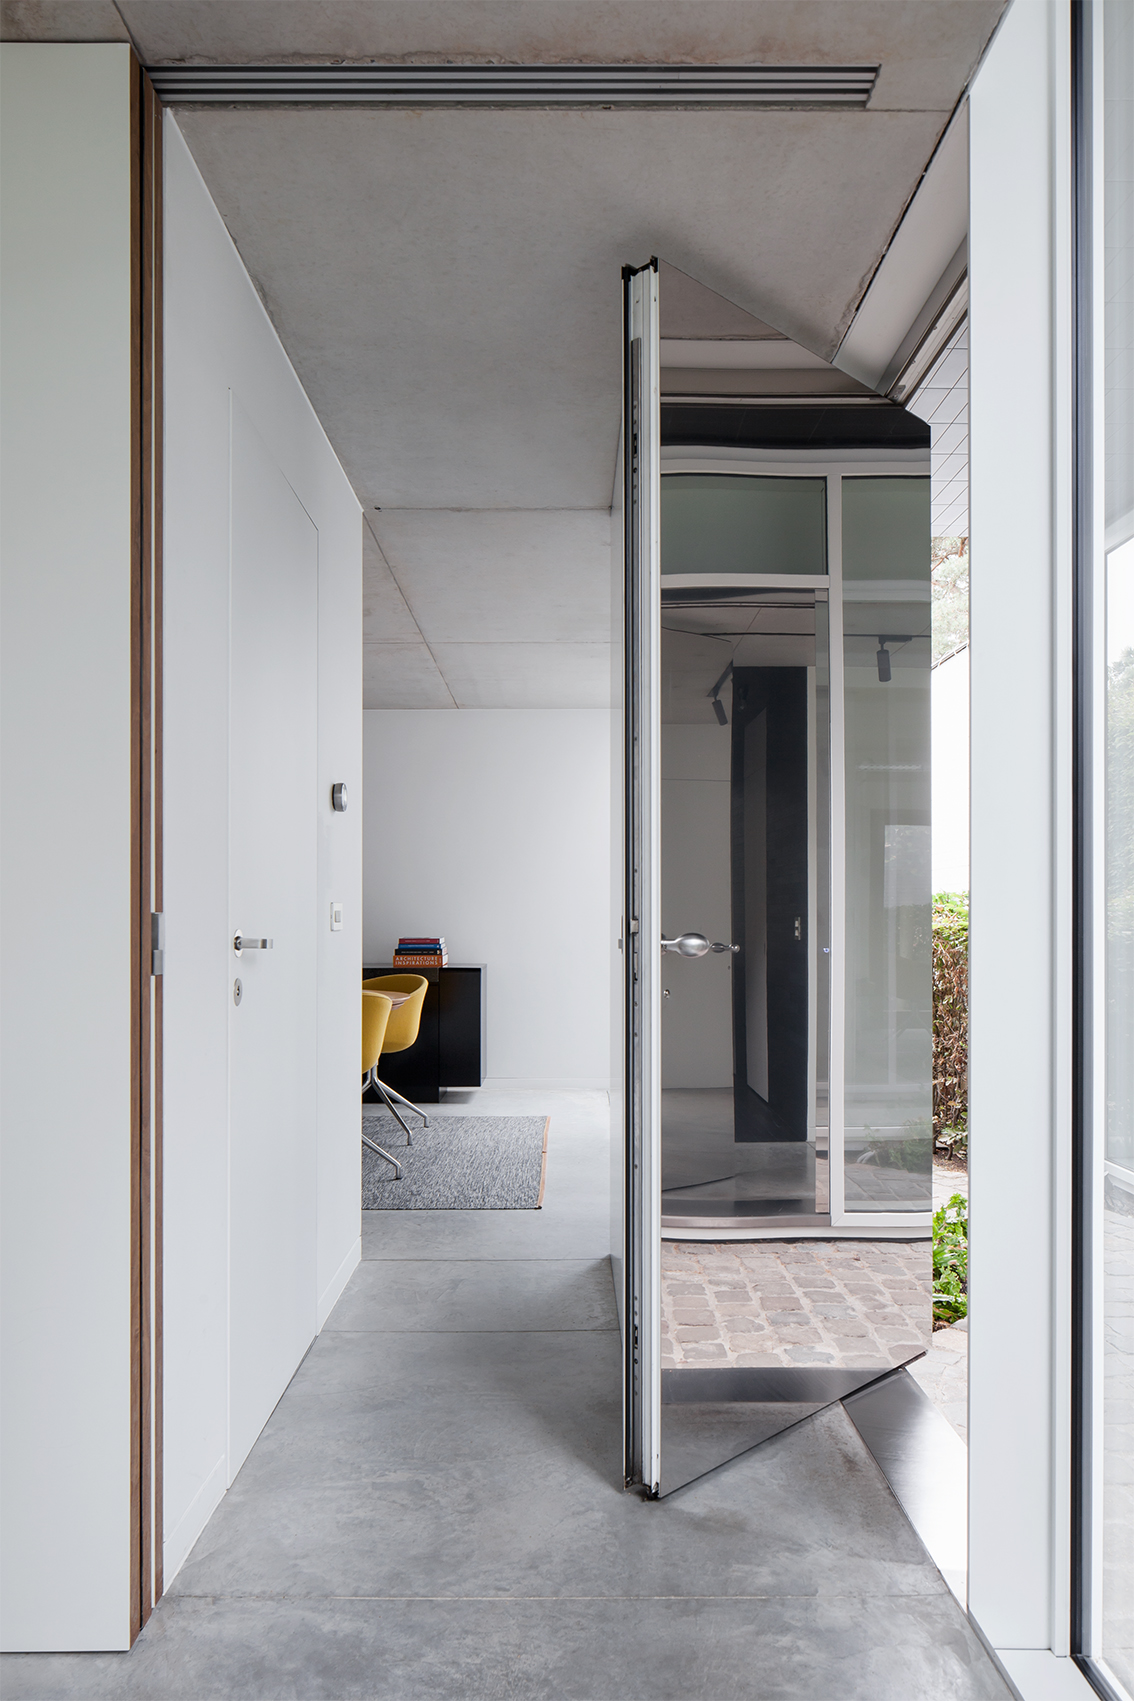 House-For-LD-25.jpg